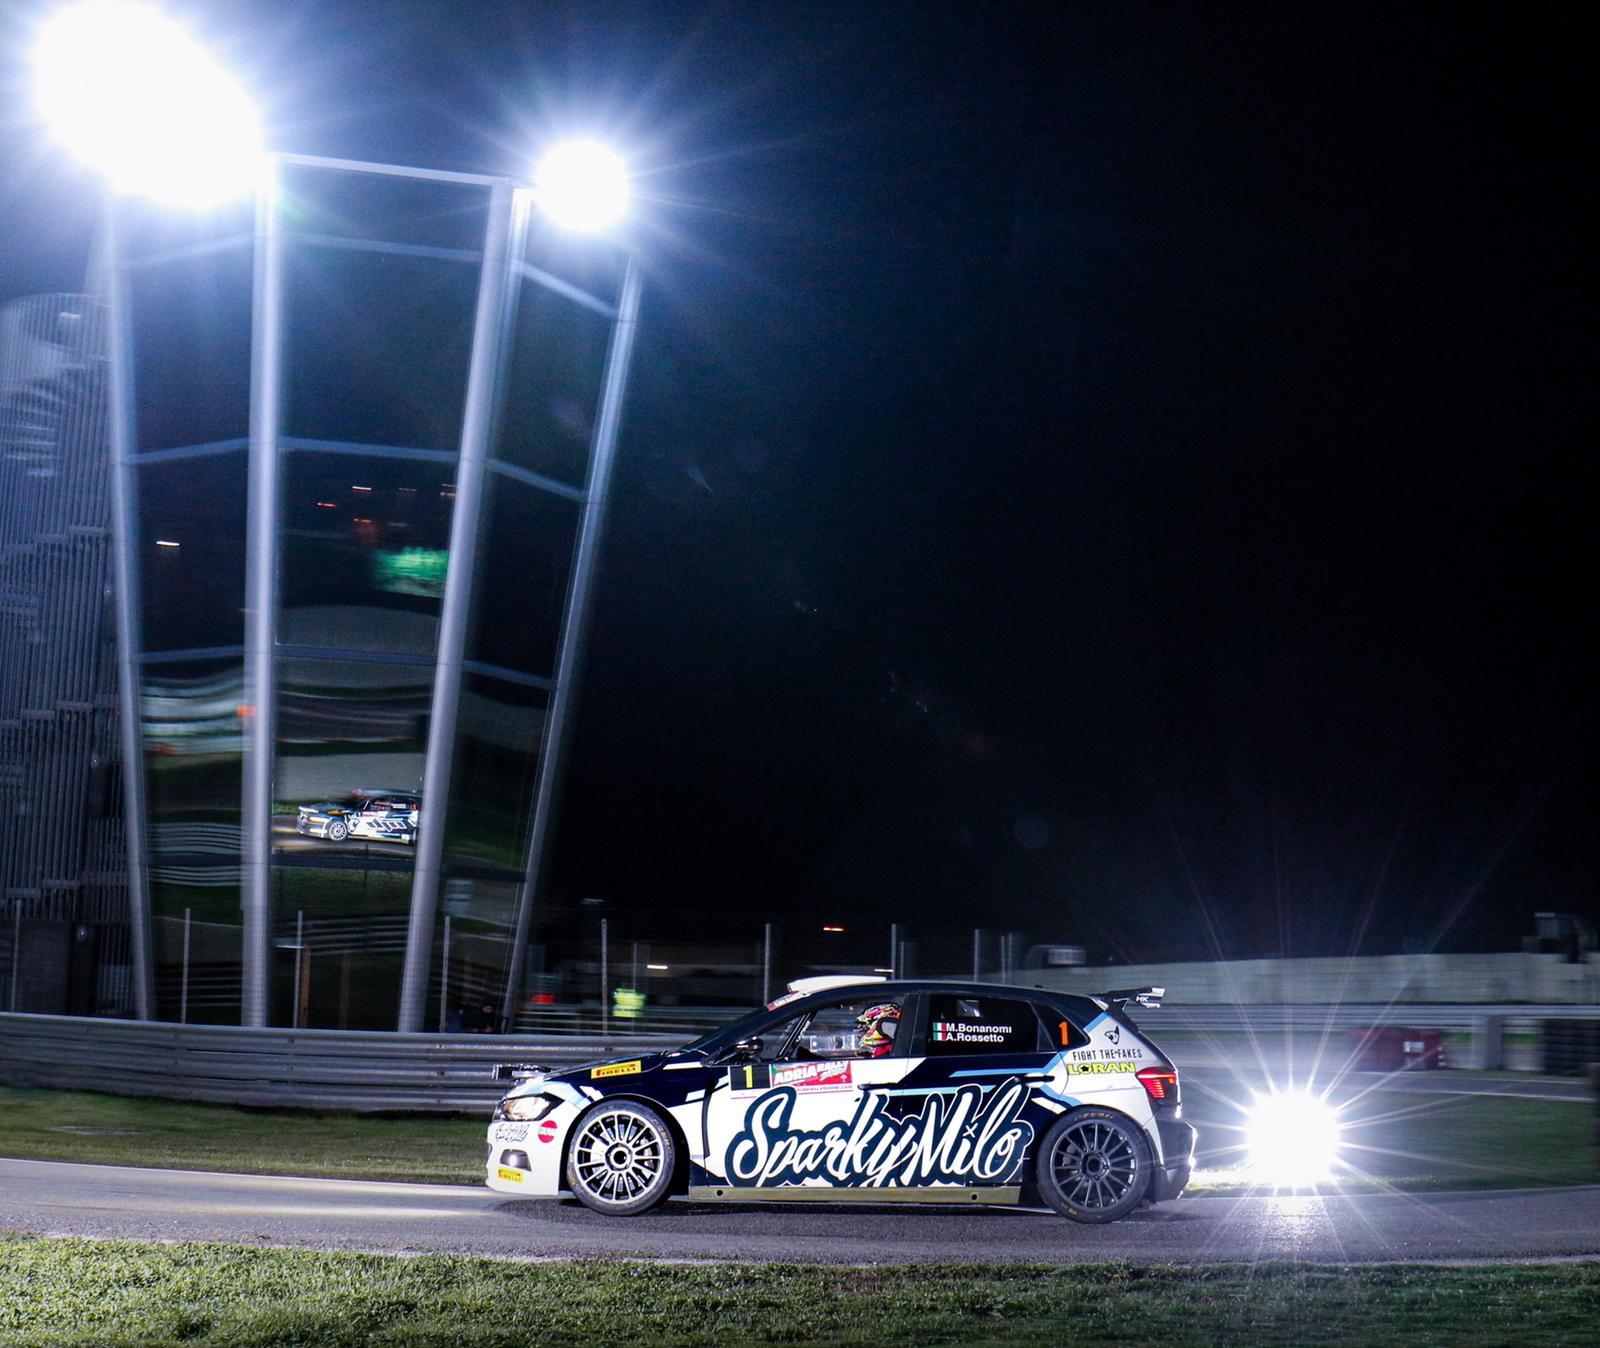 L&#39;Adria Rally Show ha inaugurato la stagione italiana e subito c&#39;&egrave; stata una sfida avvincente tra Babuin al volante della Ford Fiesta WRC&nbsp;contro Marco Bonanomi su Polo GTI R5. Alla fine ha avuto la meglio Babuin grazie alla macchina pi&ugrave; potente, ma il pilota brianzolo ex Audi ha dato spettacolo vincendo nettamente la sua categoria. Da applausi anche la livrea SparkyMilo, nuovo brand milanese di Activewear.&nbsp;<br /><br />